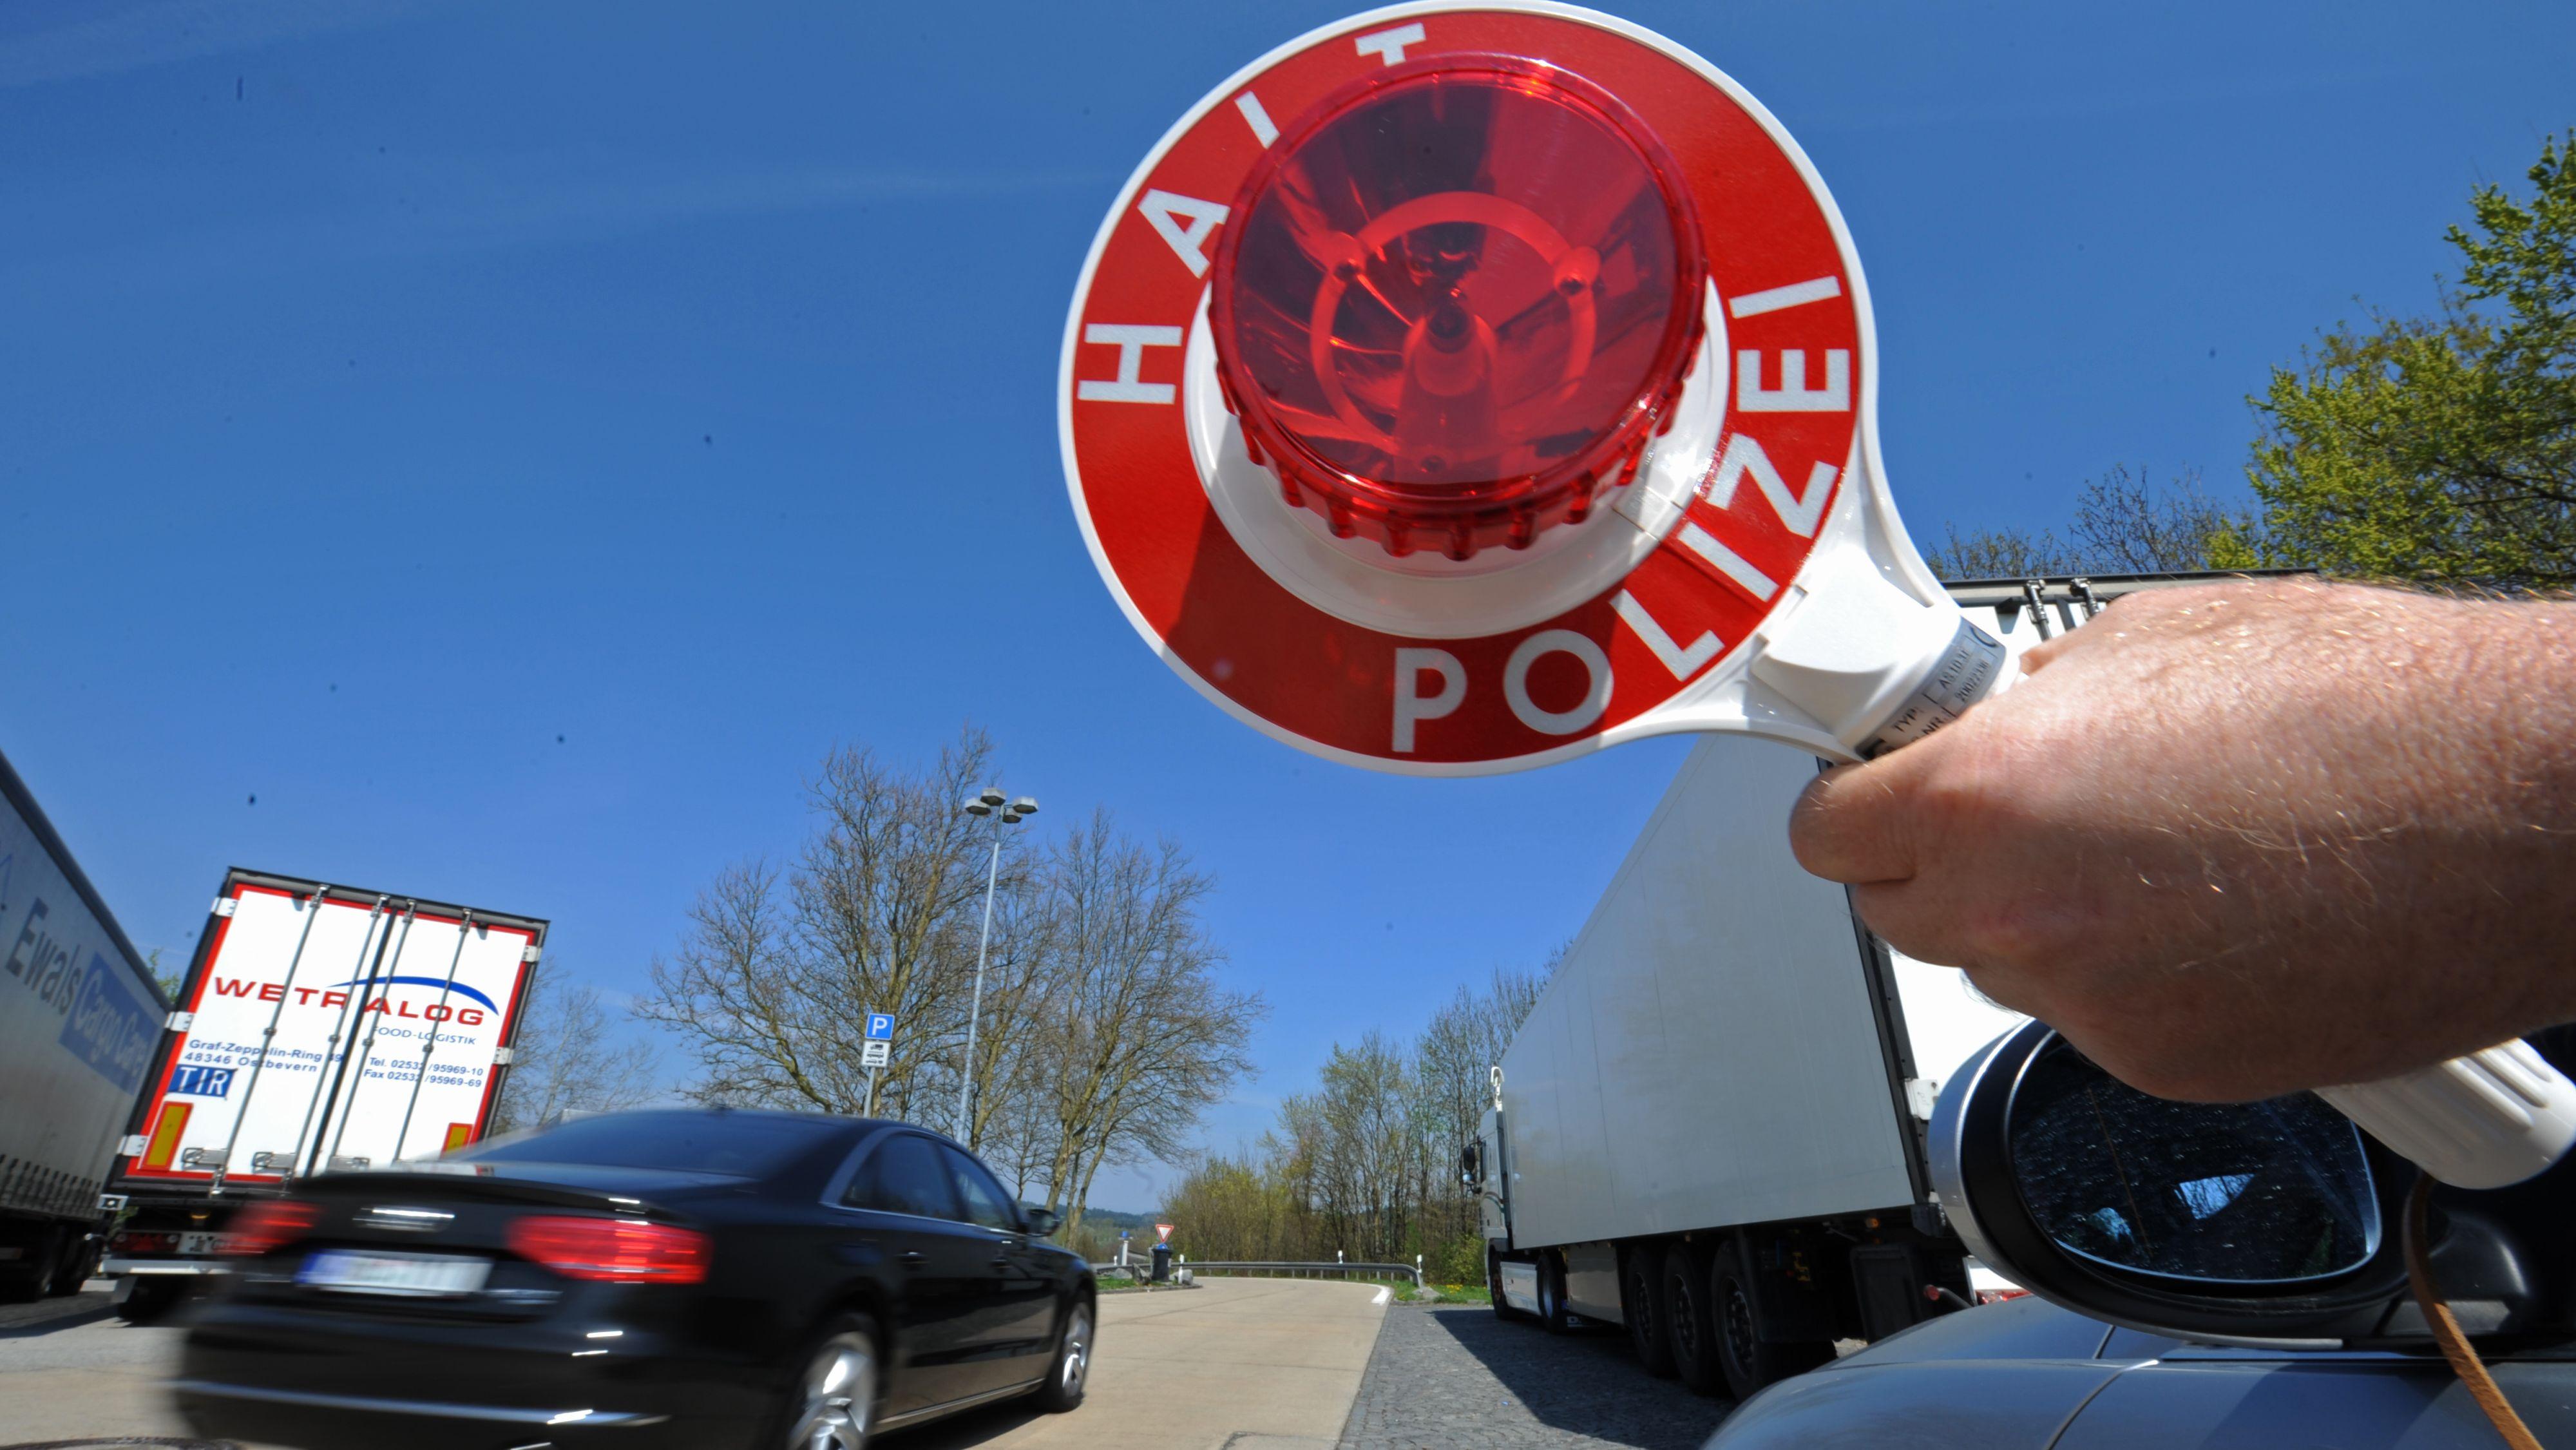 """Ein sogenannter Schleierfahnder hält auf der A3 nahe Passau eine Kelle mit dem Aufdruck """"Halt Polizei"""" aus einem Zivilfahrzeug der Polizei."""